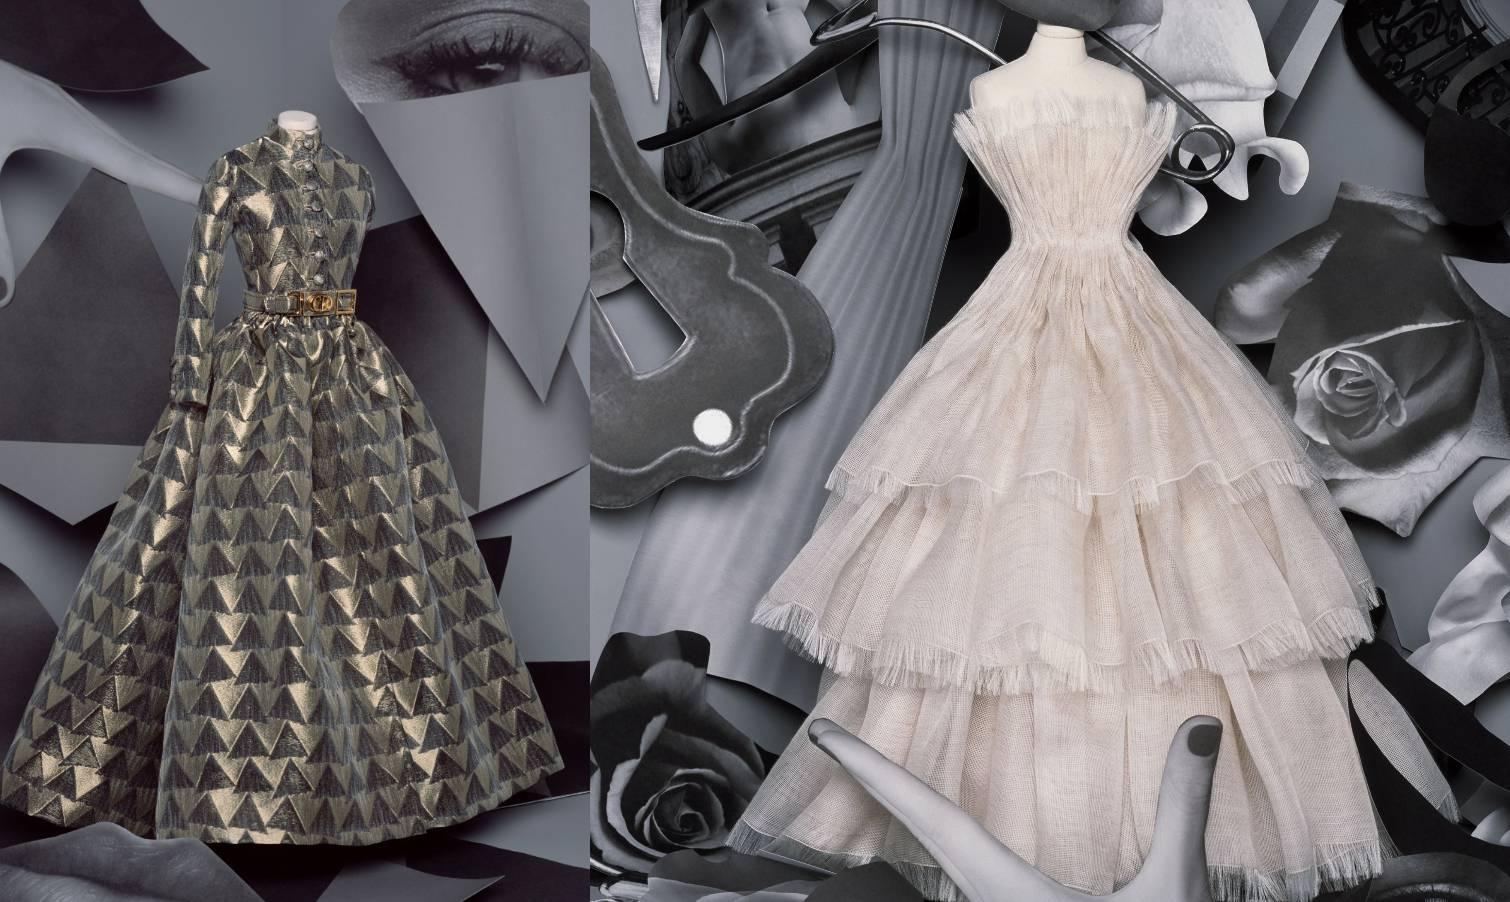 Nova kolekcija modne kuće Dior izgleda kao da je stigla iz 50-ih